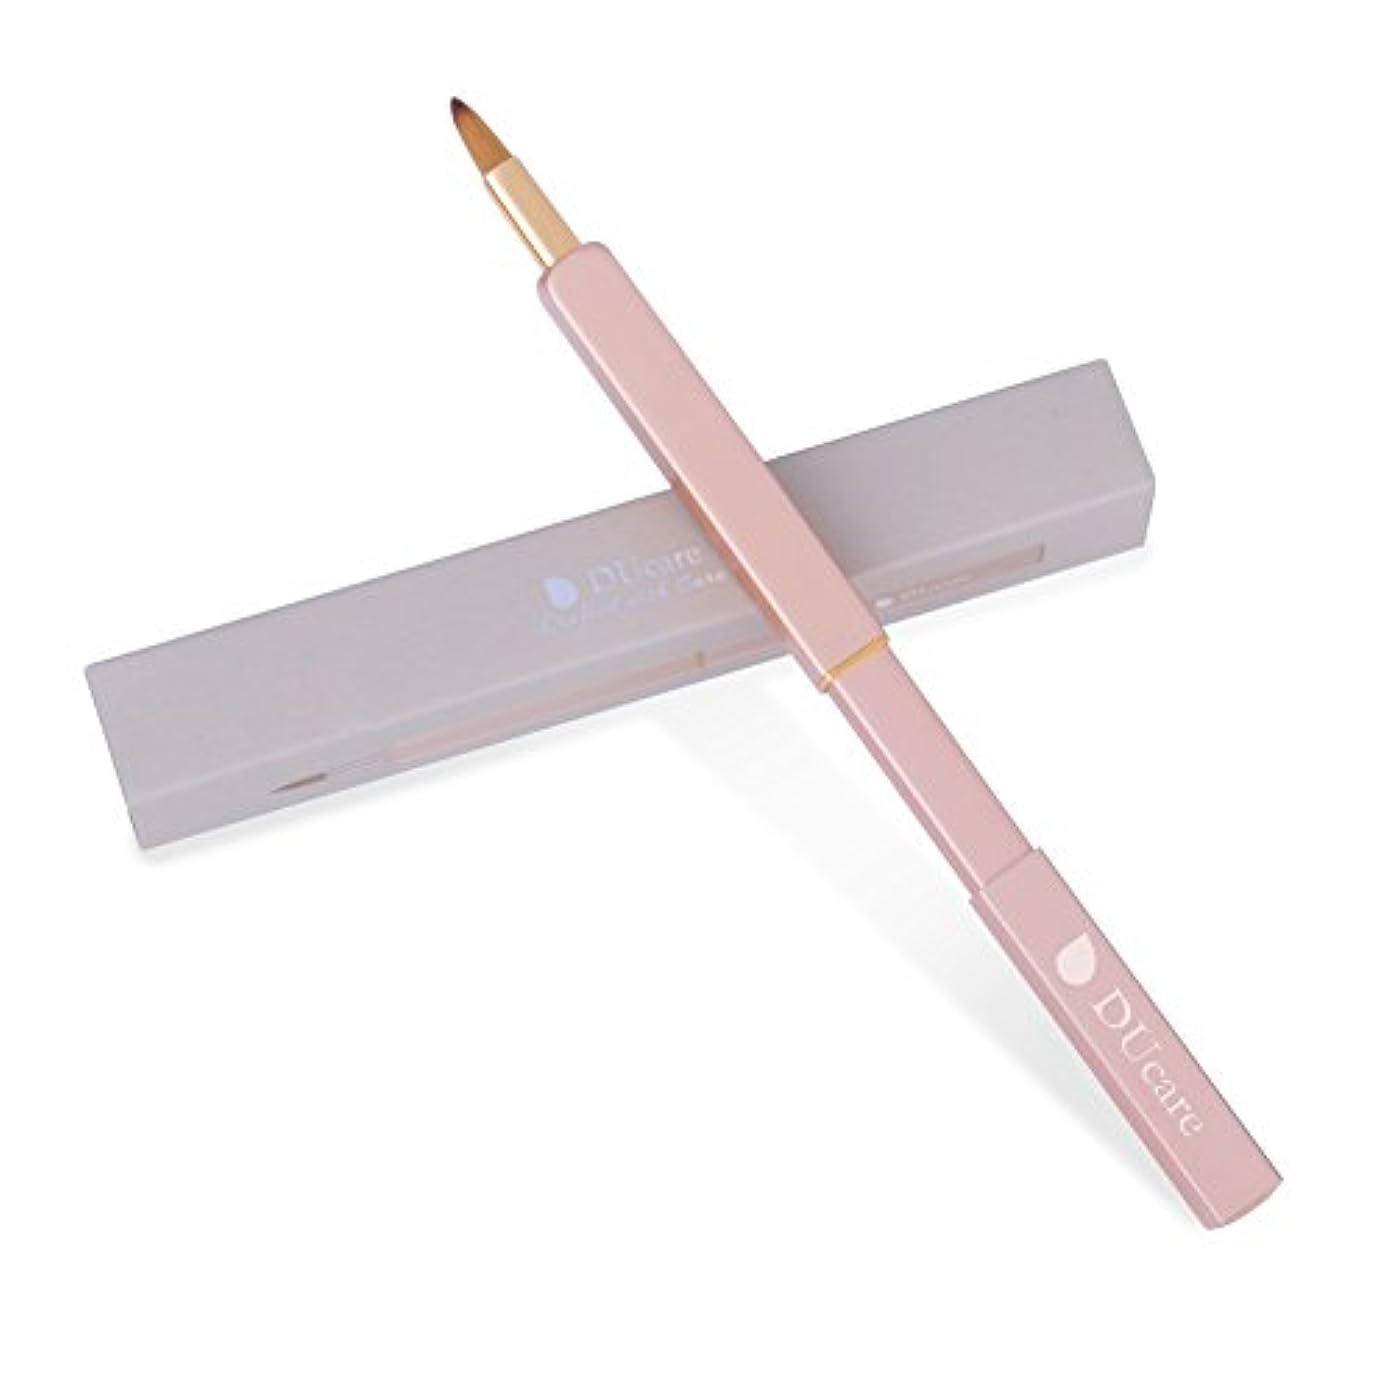 波読み書きのできない不潔DUcare ドゥケア 化粧筆 携帯用リップブラシ スライド式 ゴージャズなシャンペン色 欧米セレブの間で爆発的な人気を呼んでいる